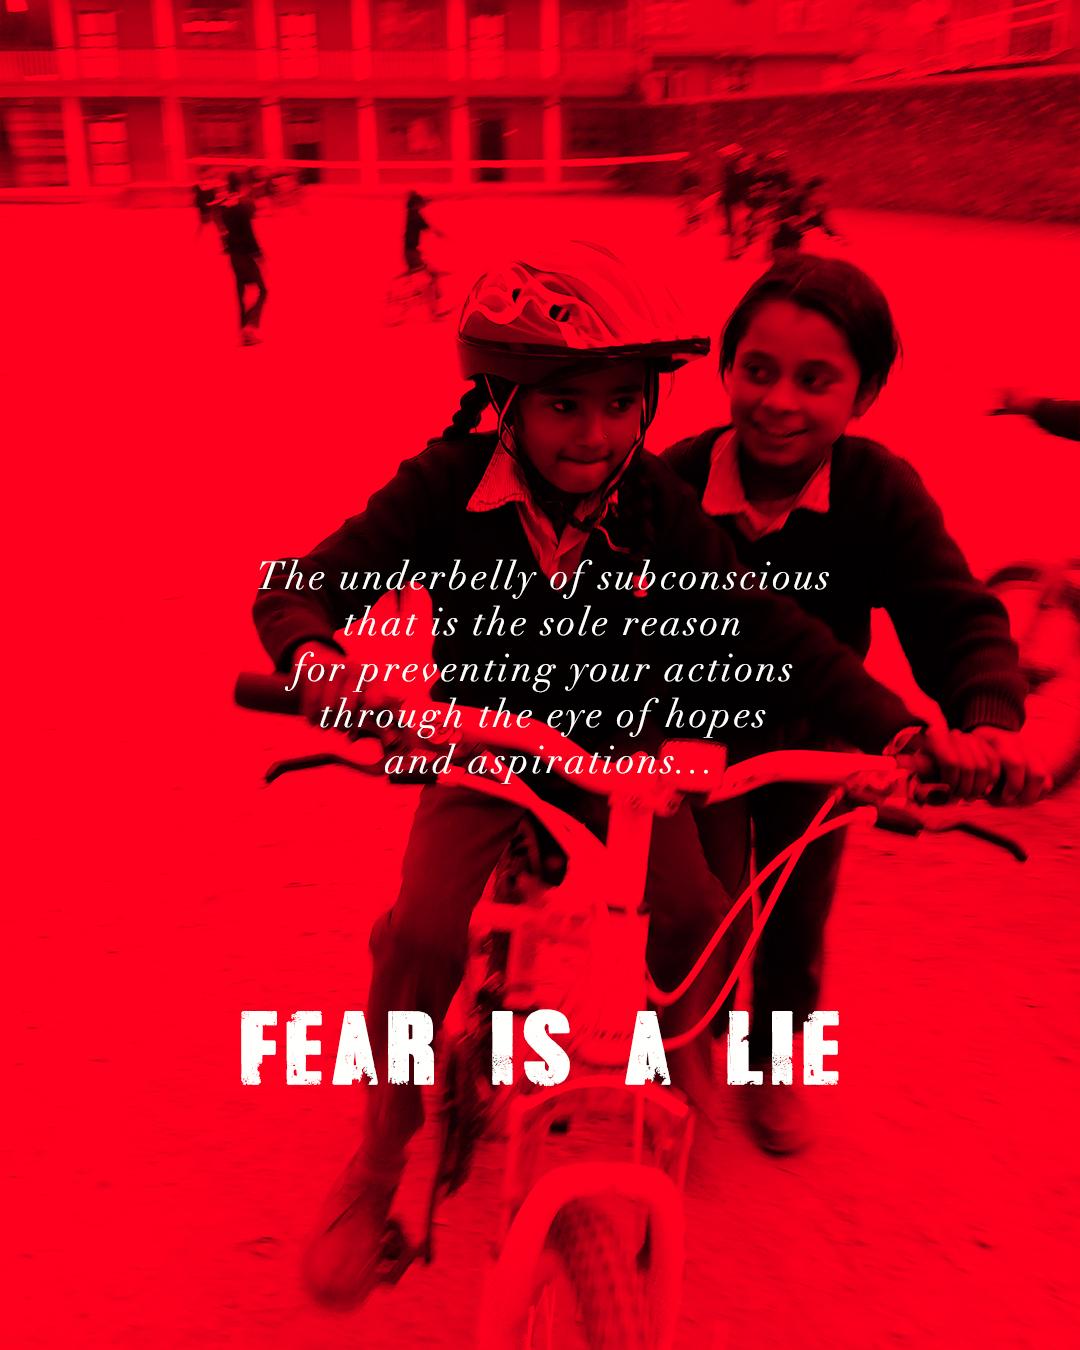 fear_is_a_lie_post3.jpg